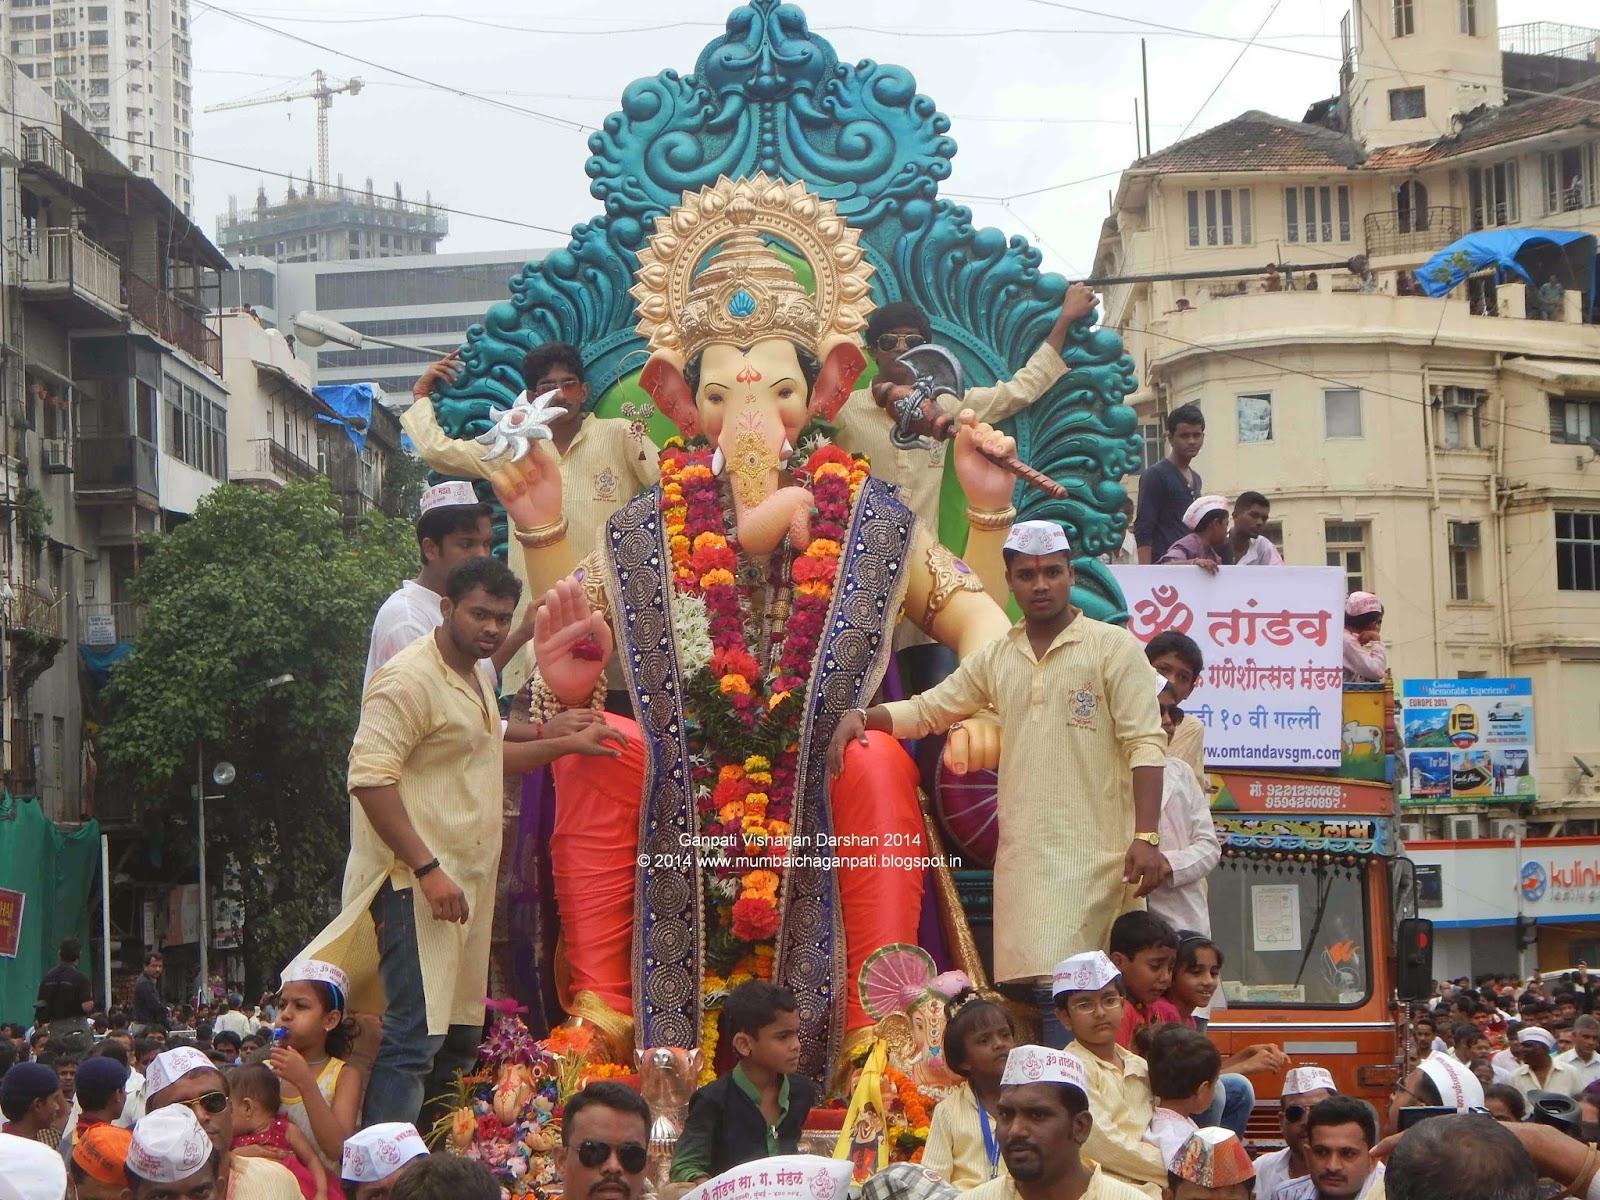 """""""Ganpati Visharajan Darshan Girgaum Chaupati"""""""